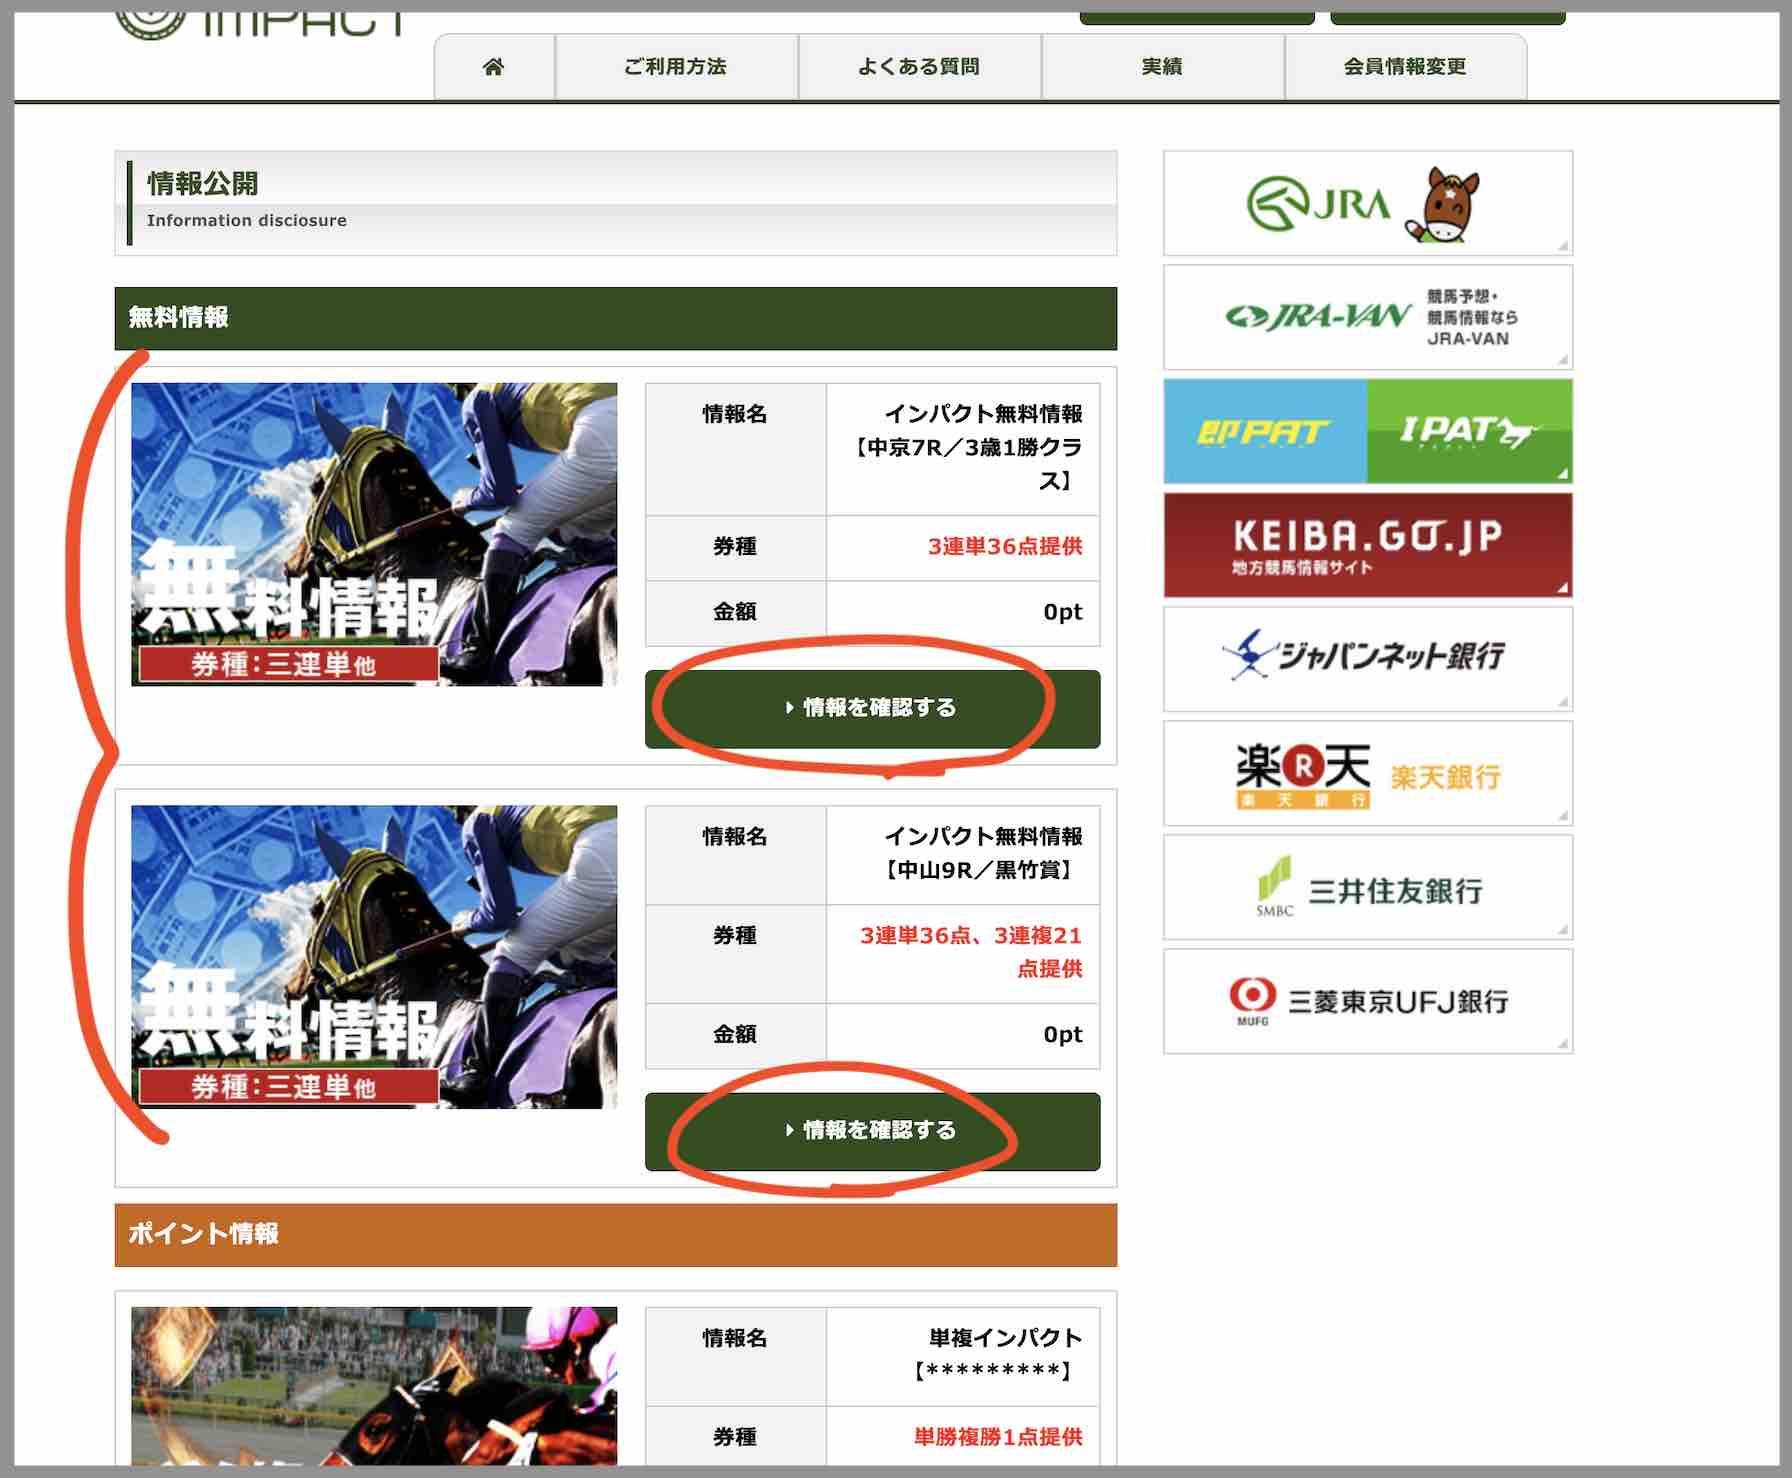 インパクト(IMPACT)という競馬予想サイトの無料予想(無料情報)を確認する